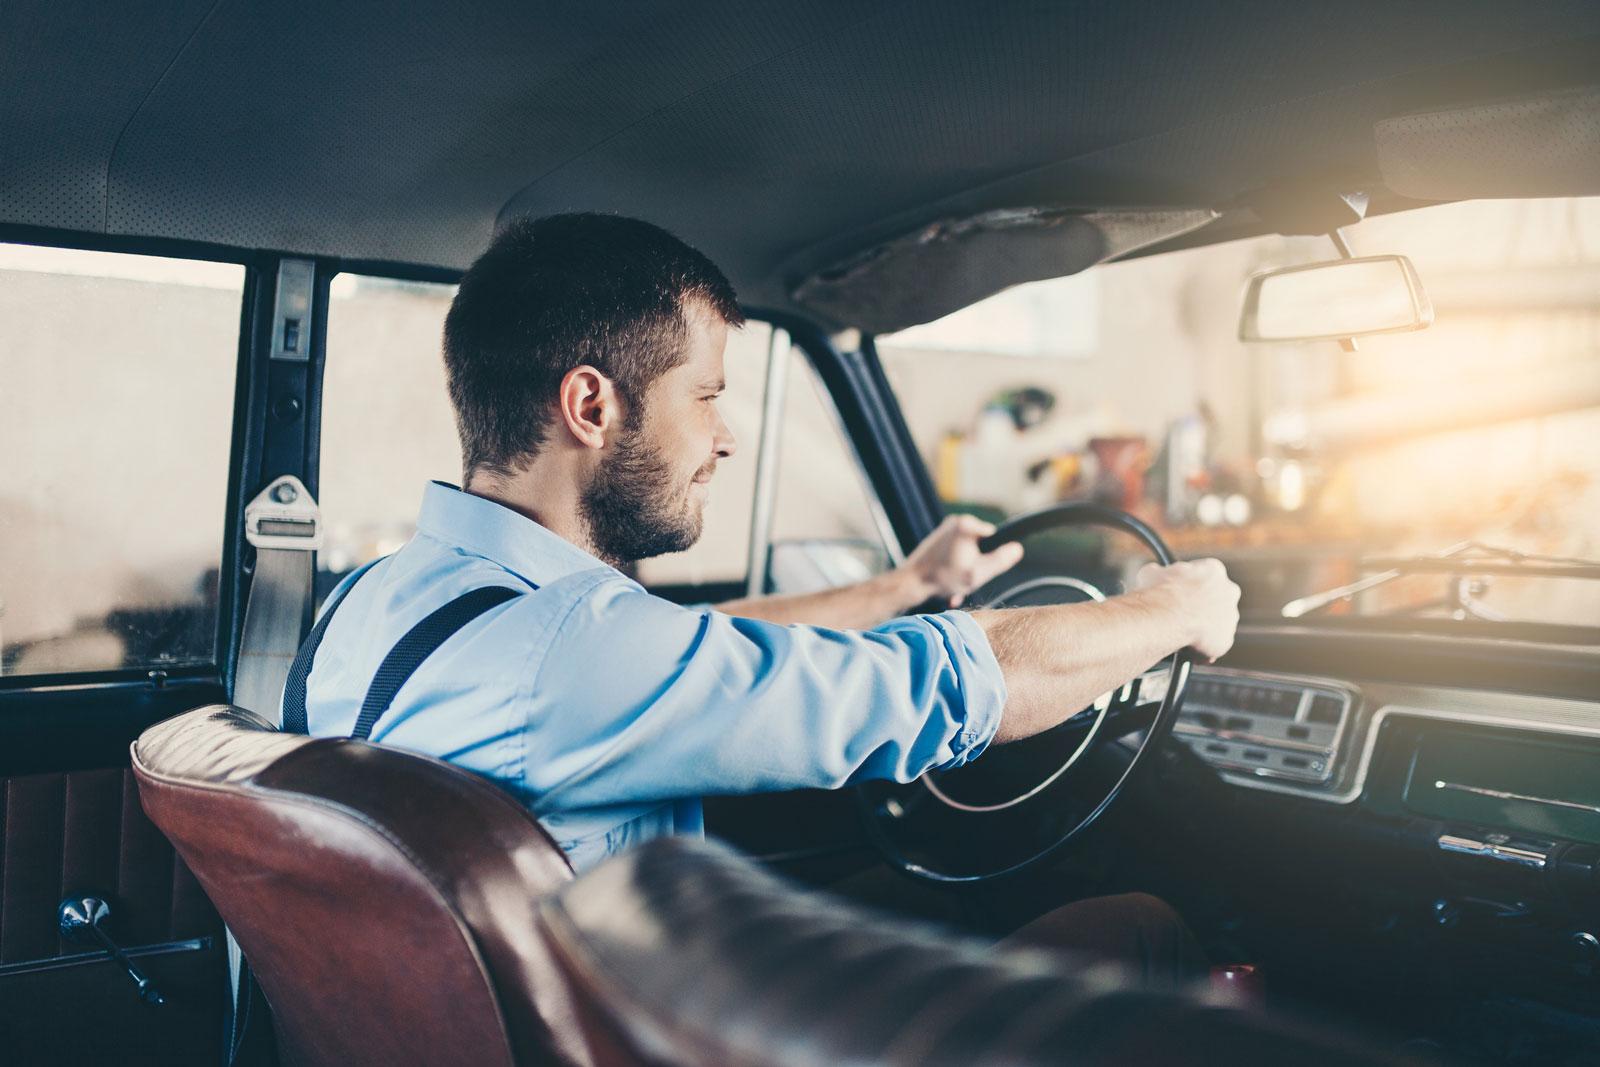 Neu, gebraucht oder Oldtimer? Der Fahrspaß hängt nicht unbedingt vom Alter des Autos ab.